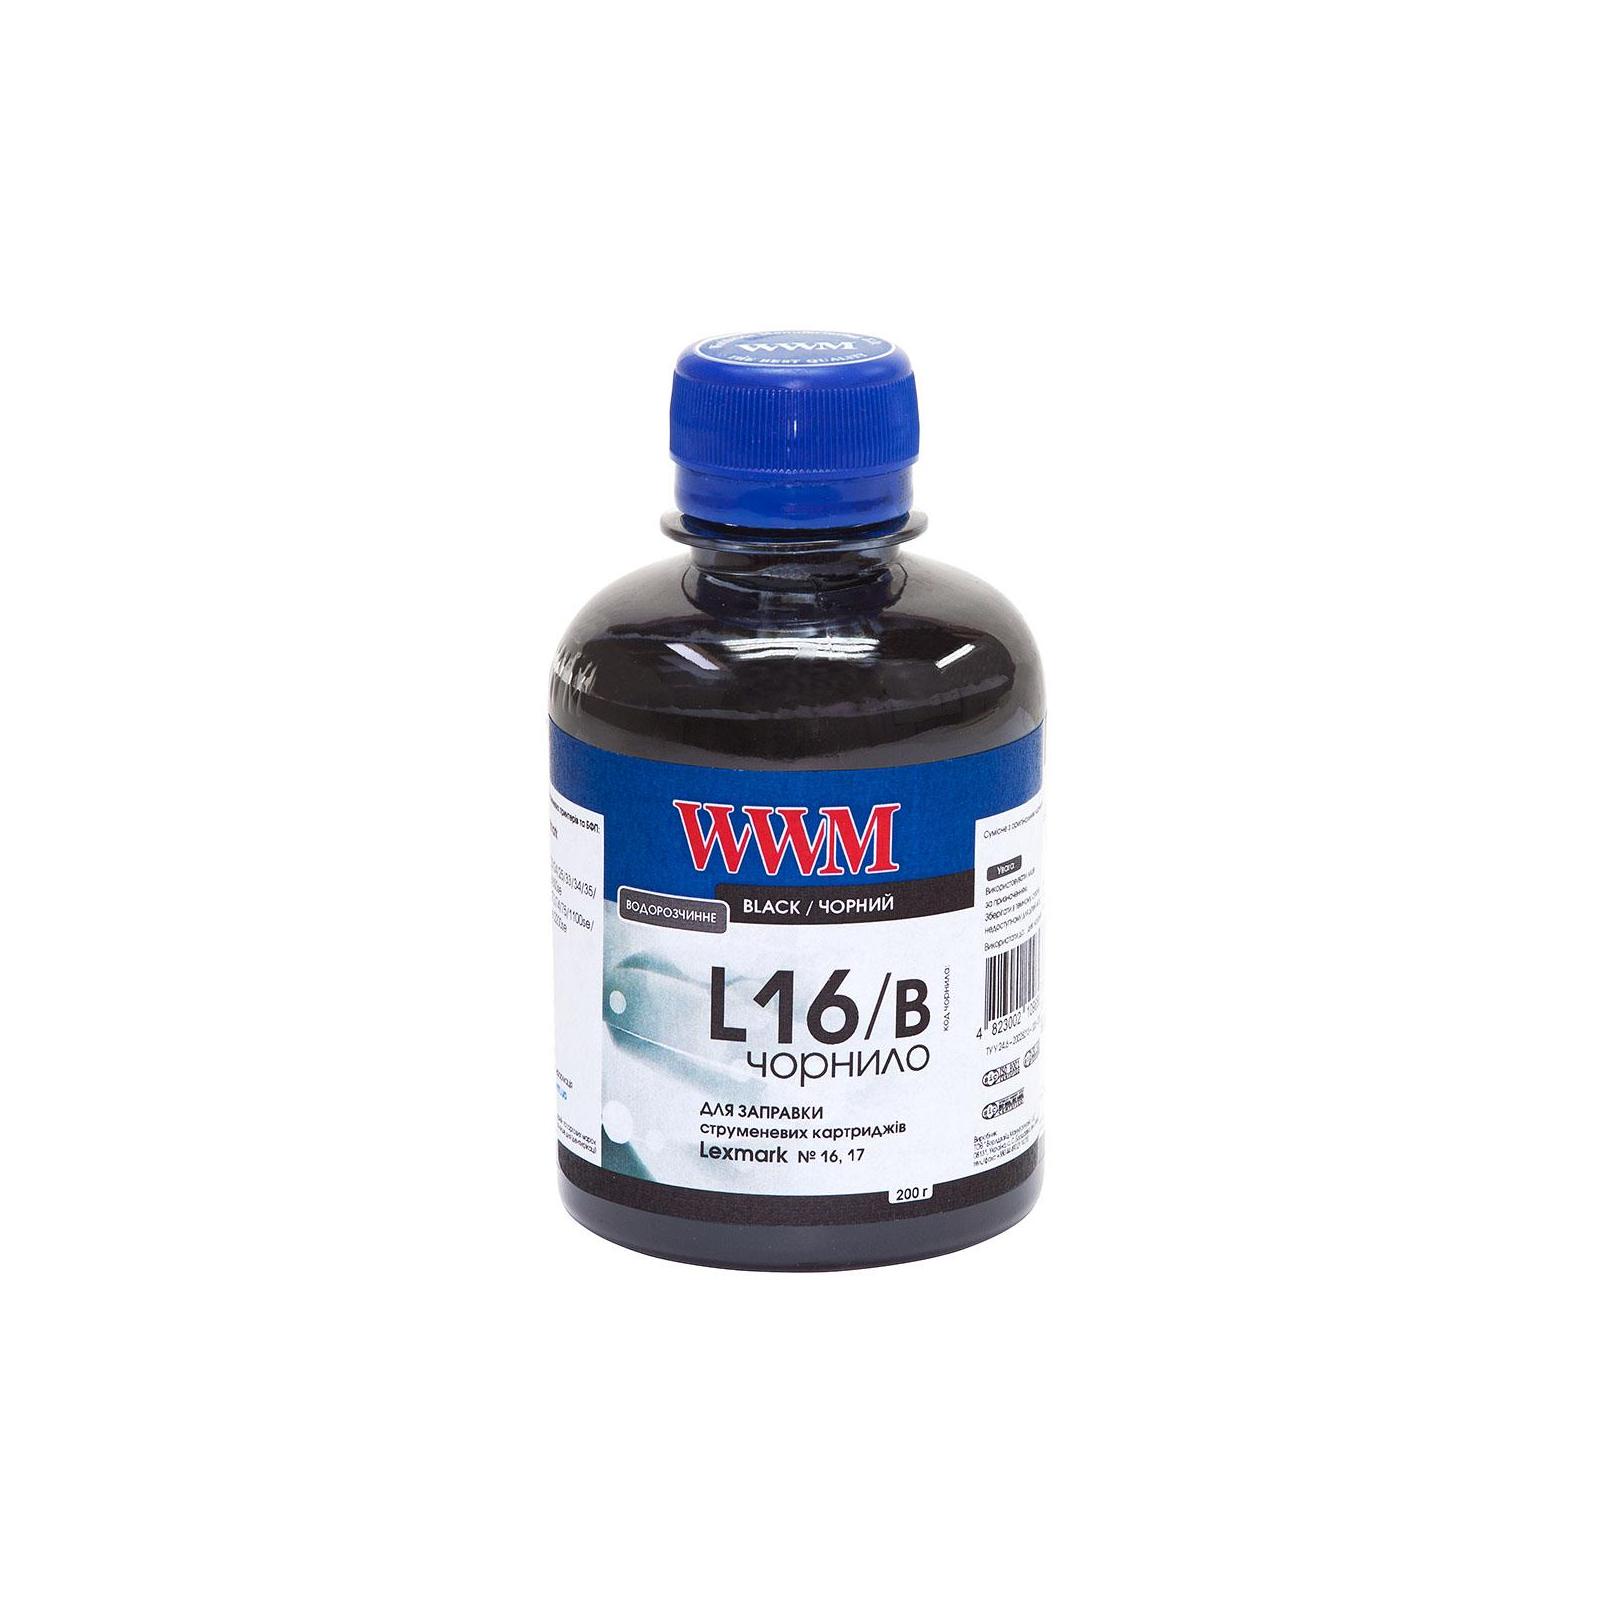 Чернила WWM LEXMARK 16/17 Black (L16/B)